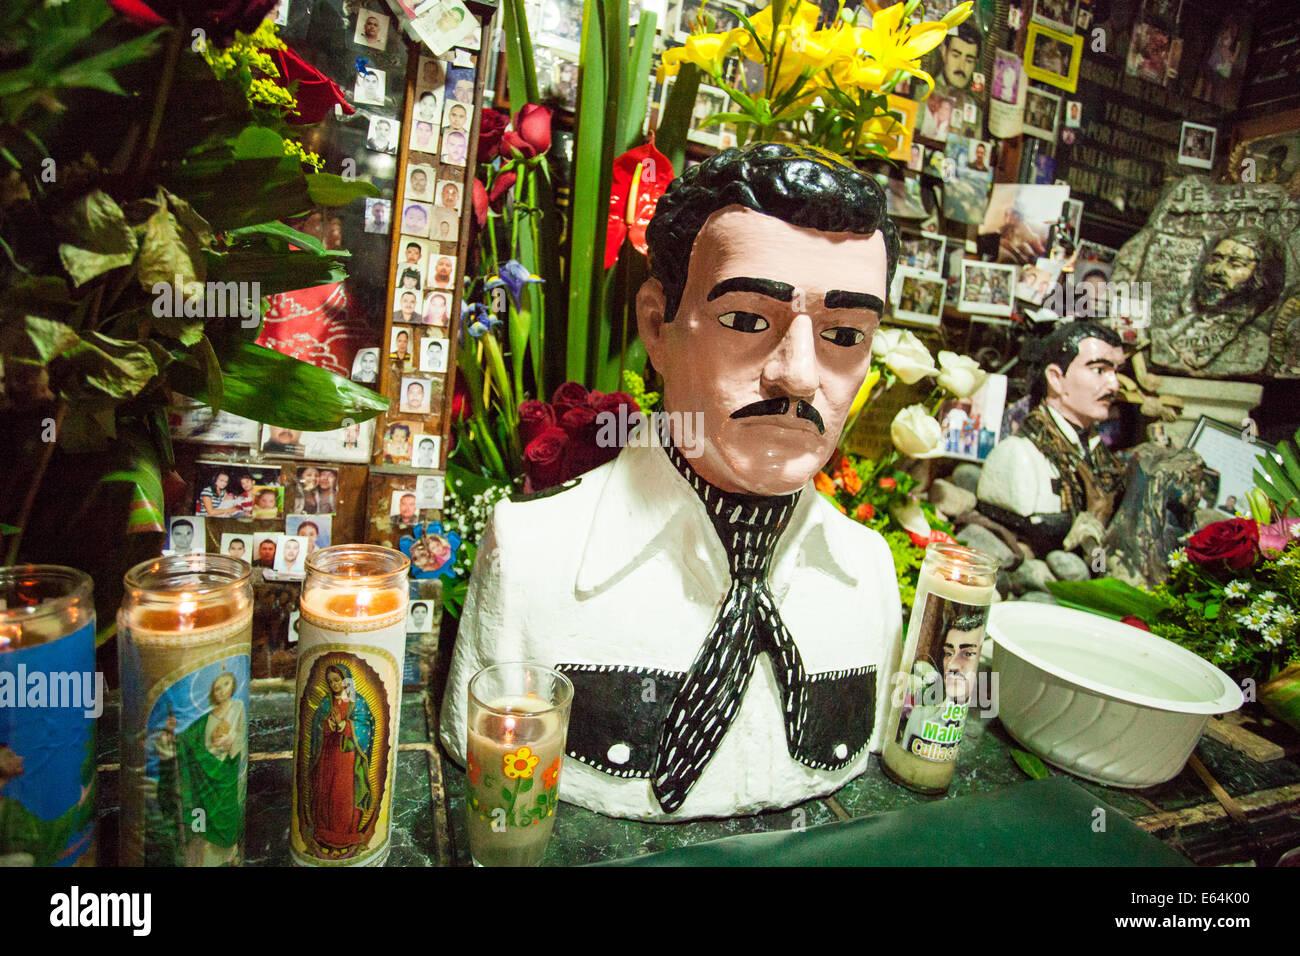 Candele votive presso un santuario dedicato a Gesù malverde, patrono del traffico illegale di stupefacenti, Immagini Stock